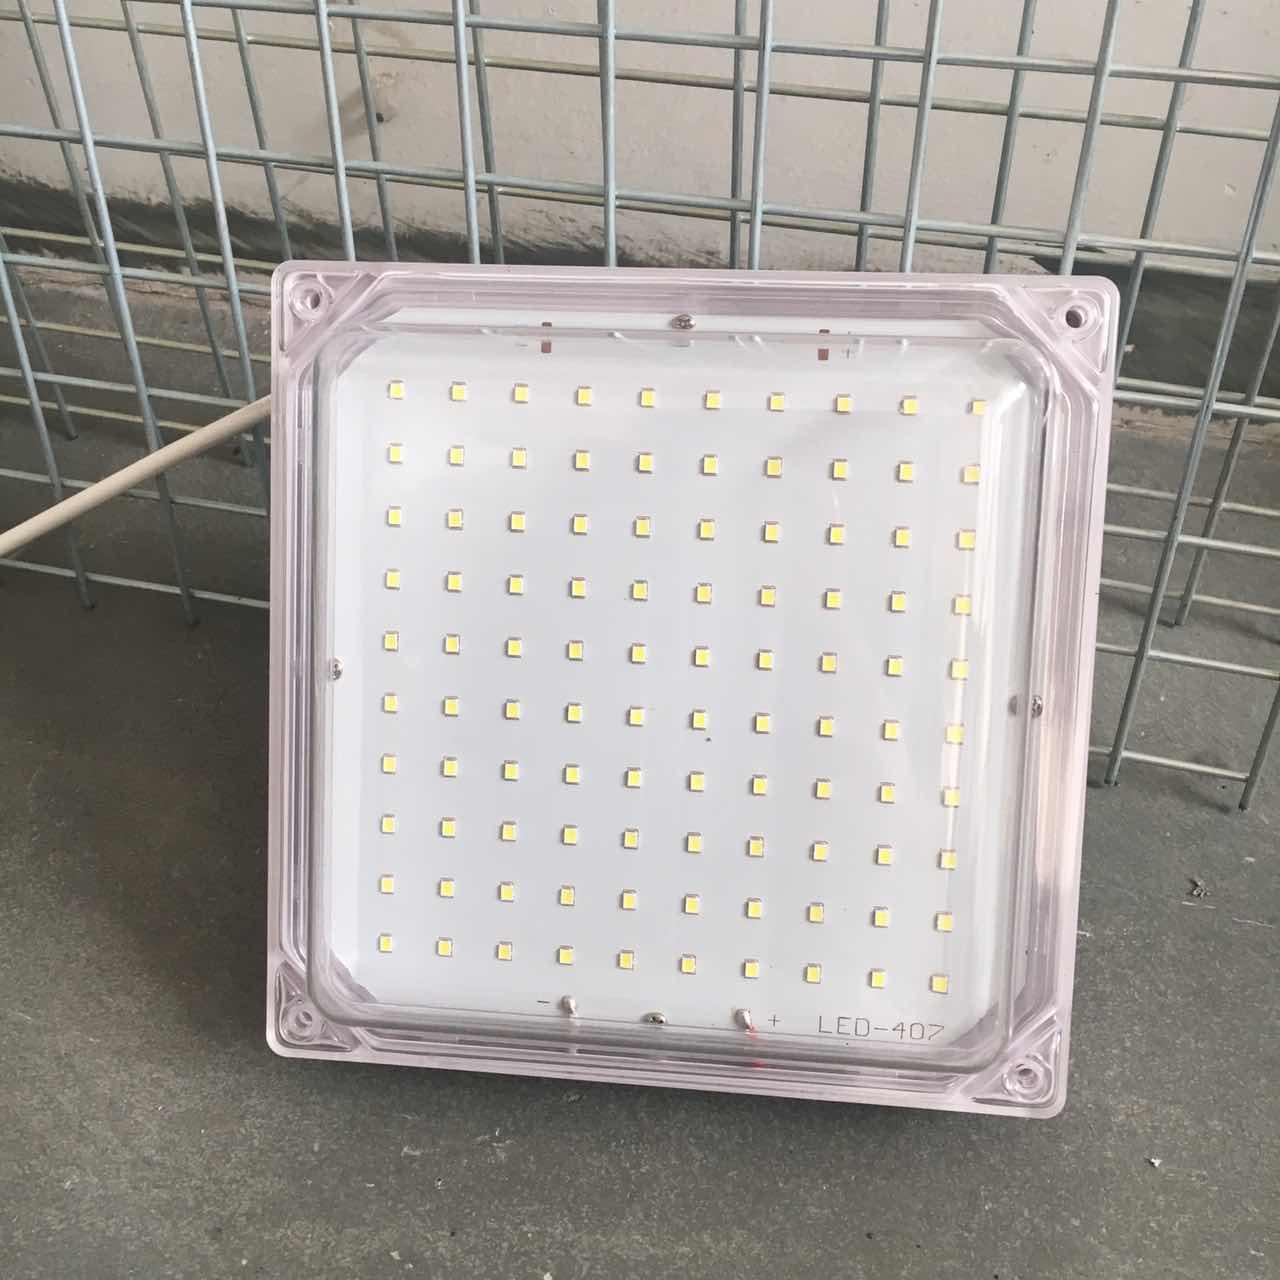 Fabricantes de Venda de lâmpadas led lâmpadas de 20 watts entreposto frigorífico Casa de Banho impermeável de poupança de Energia Da lâmpada de iluminação à Prova de explosão